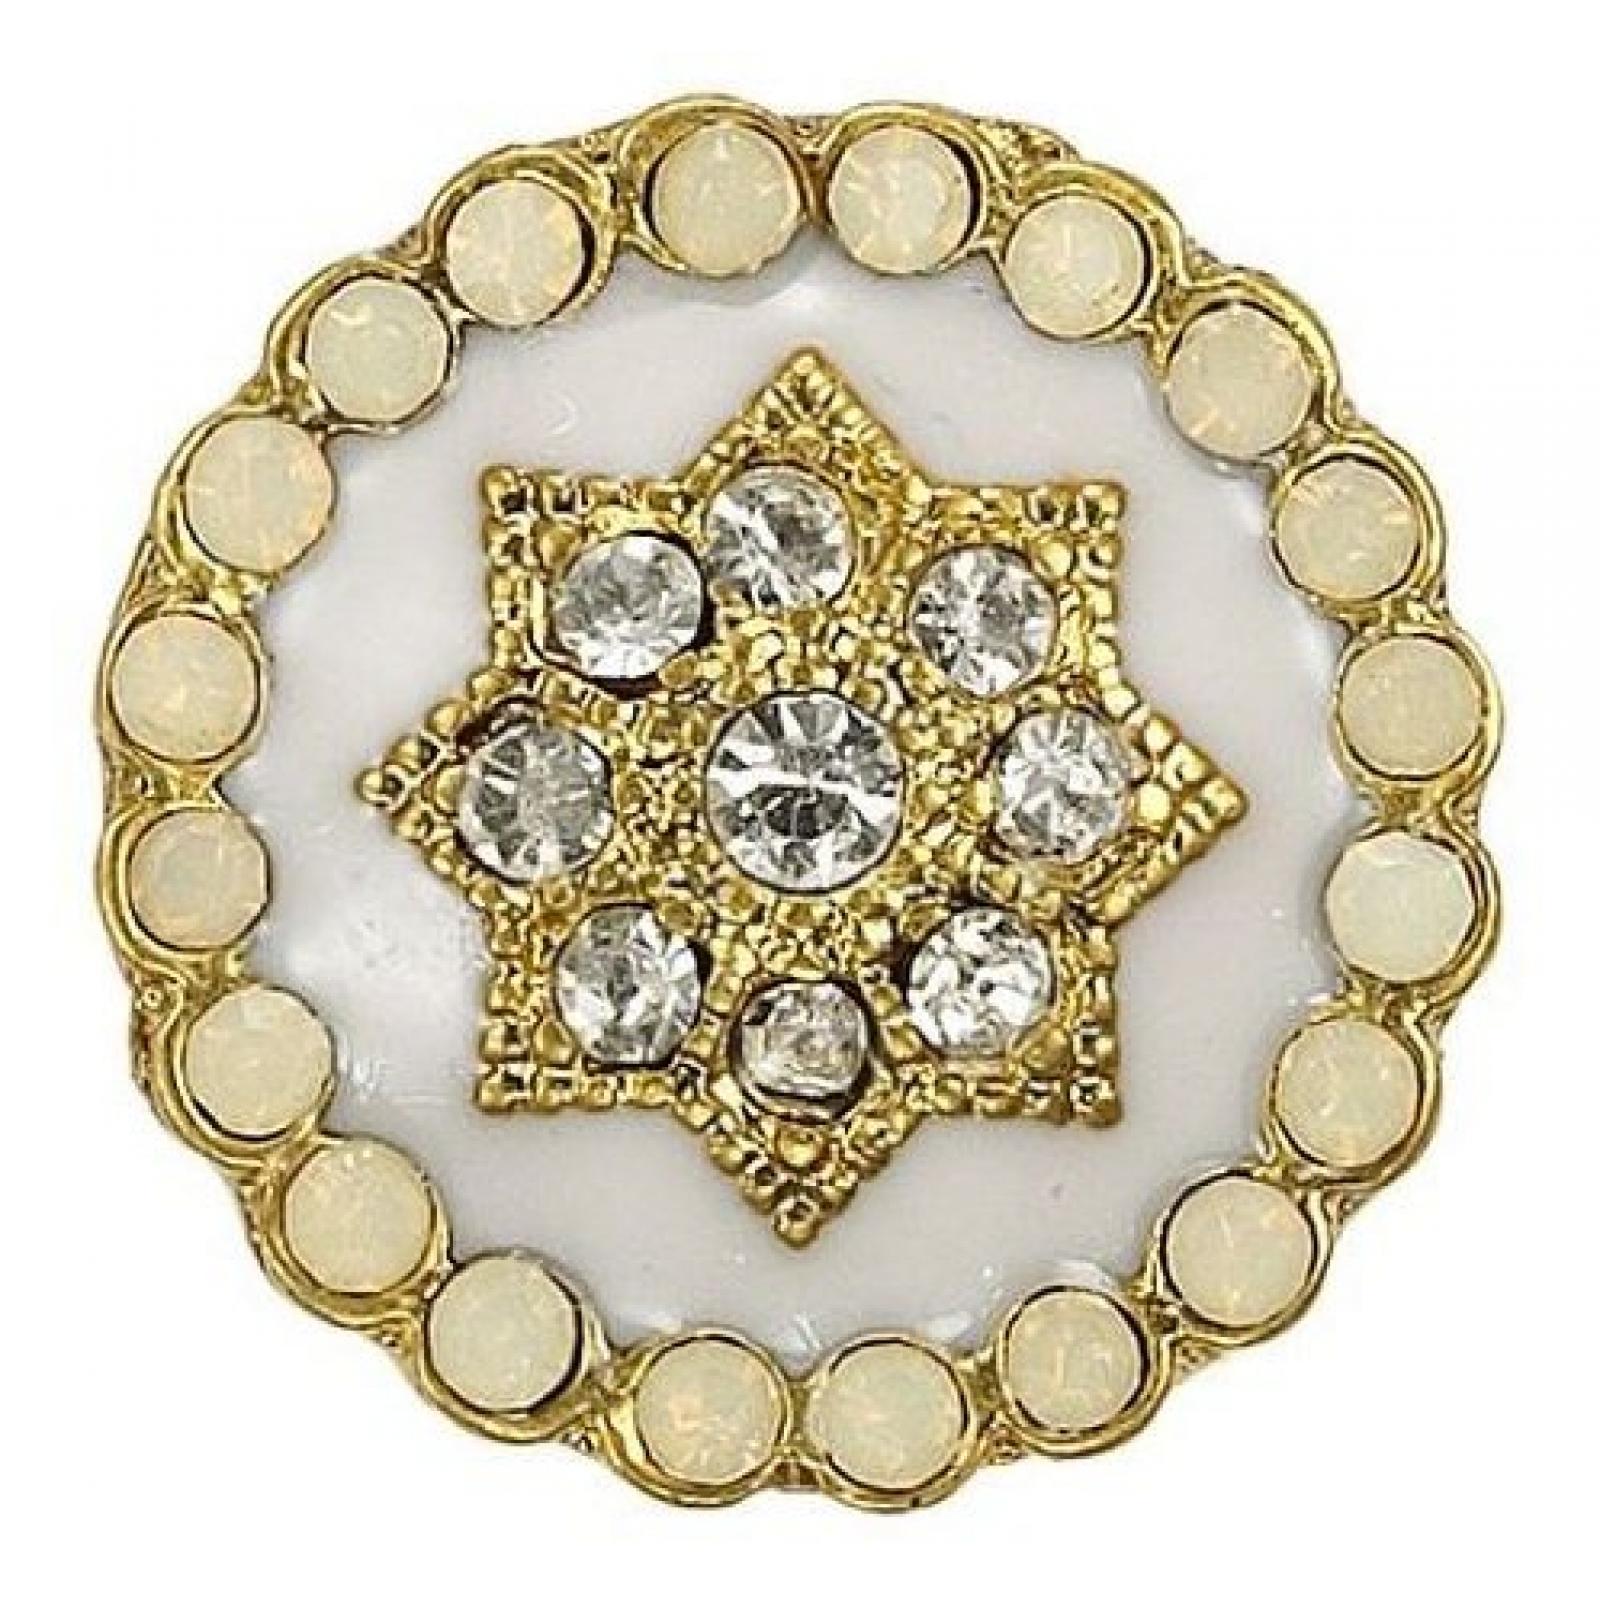 Pilgrim Damen-Anhänger aus der Serie Charming Vergoldet offwhite 42122-2013